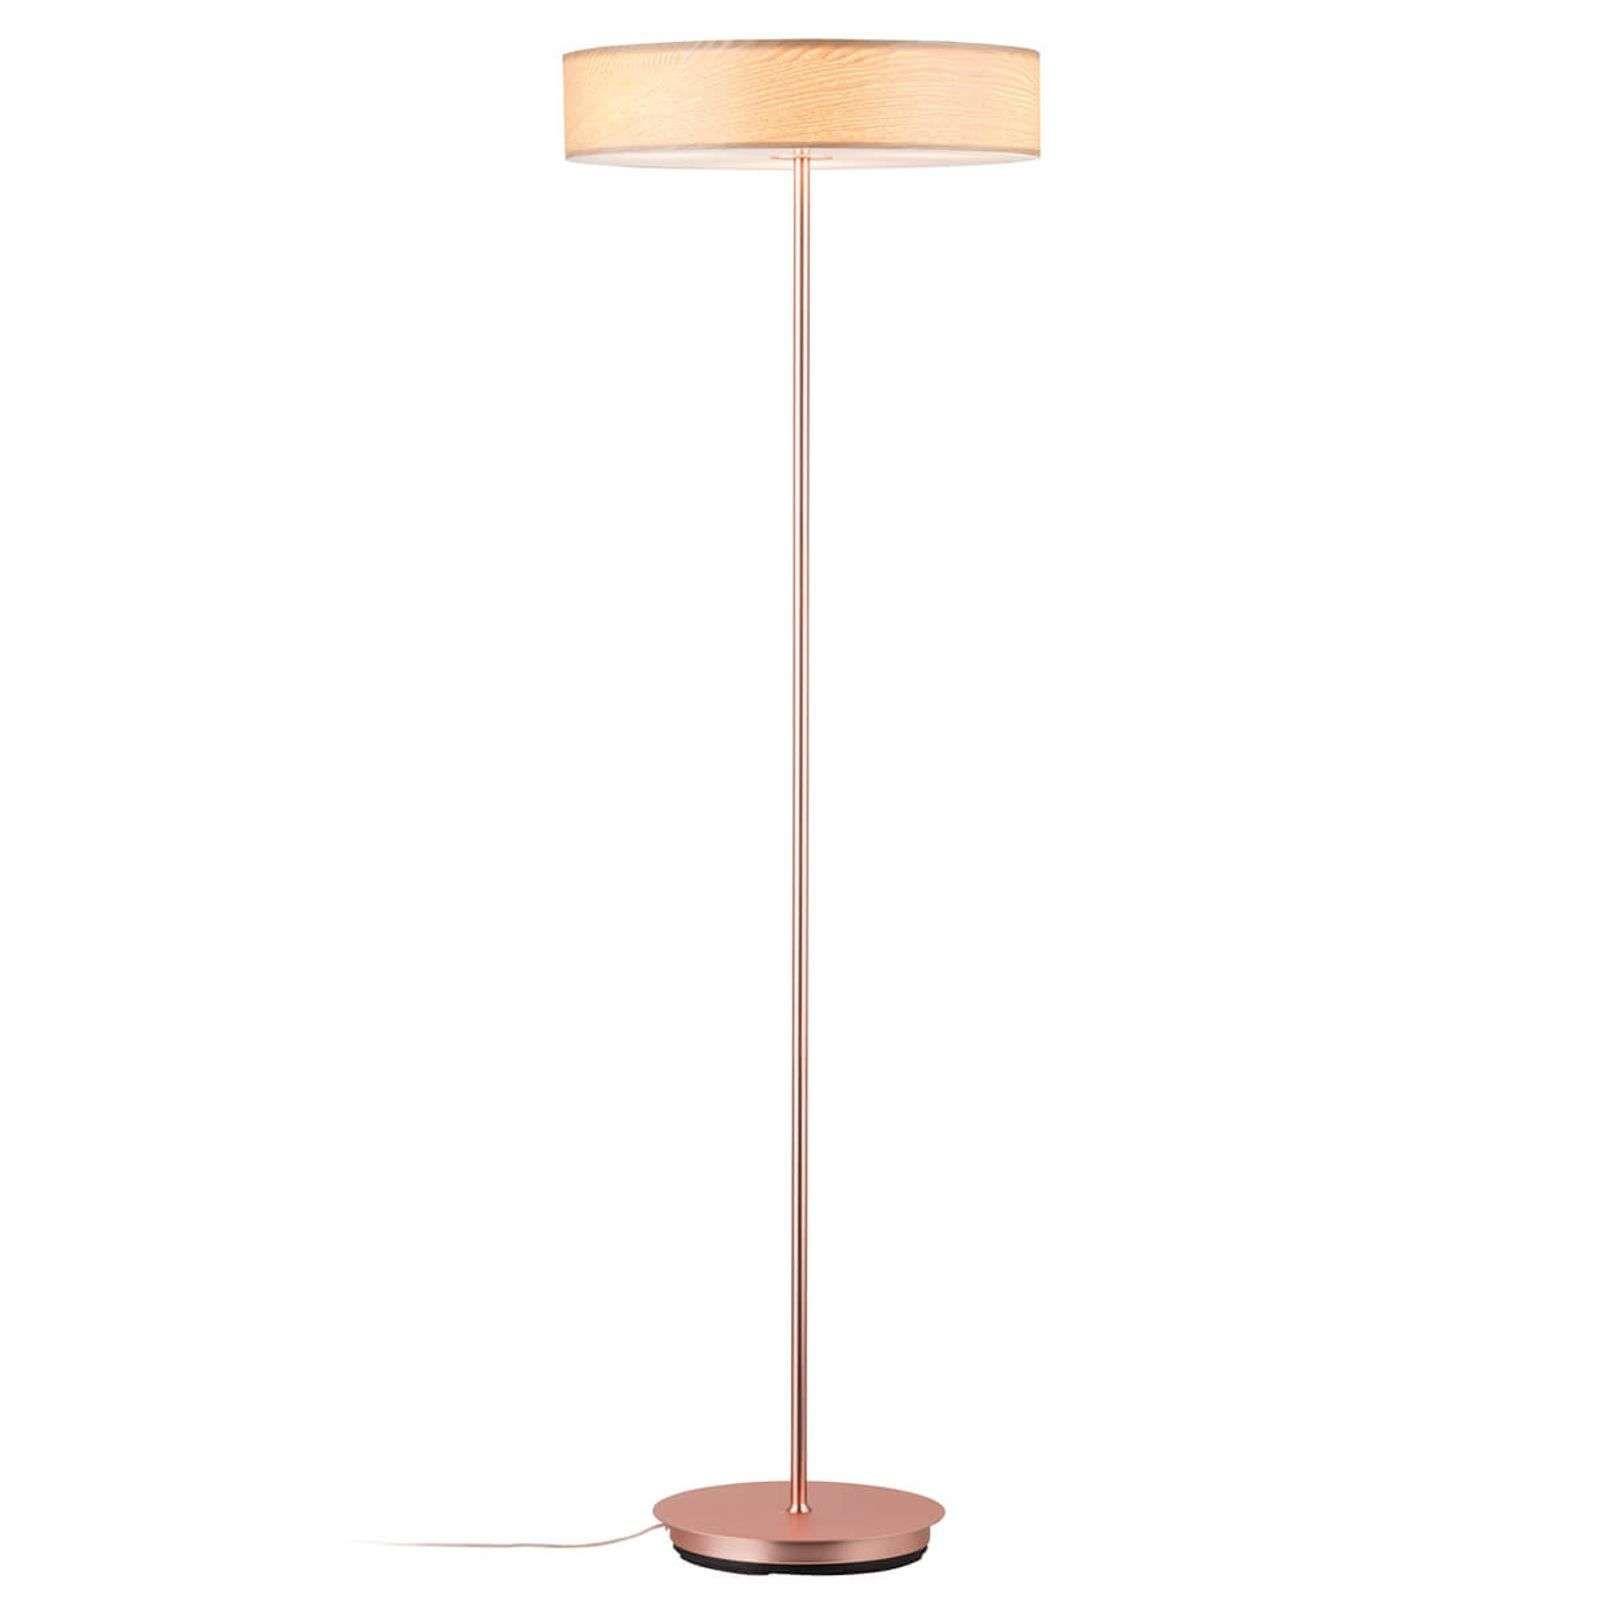 Decoratieve Vloerlamp Liska Met Houten Kap In 2020 Vloerlamp Moderne Lampen Koperen Lampen